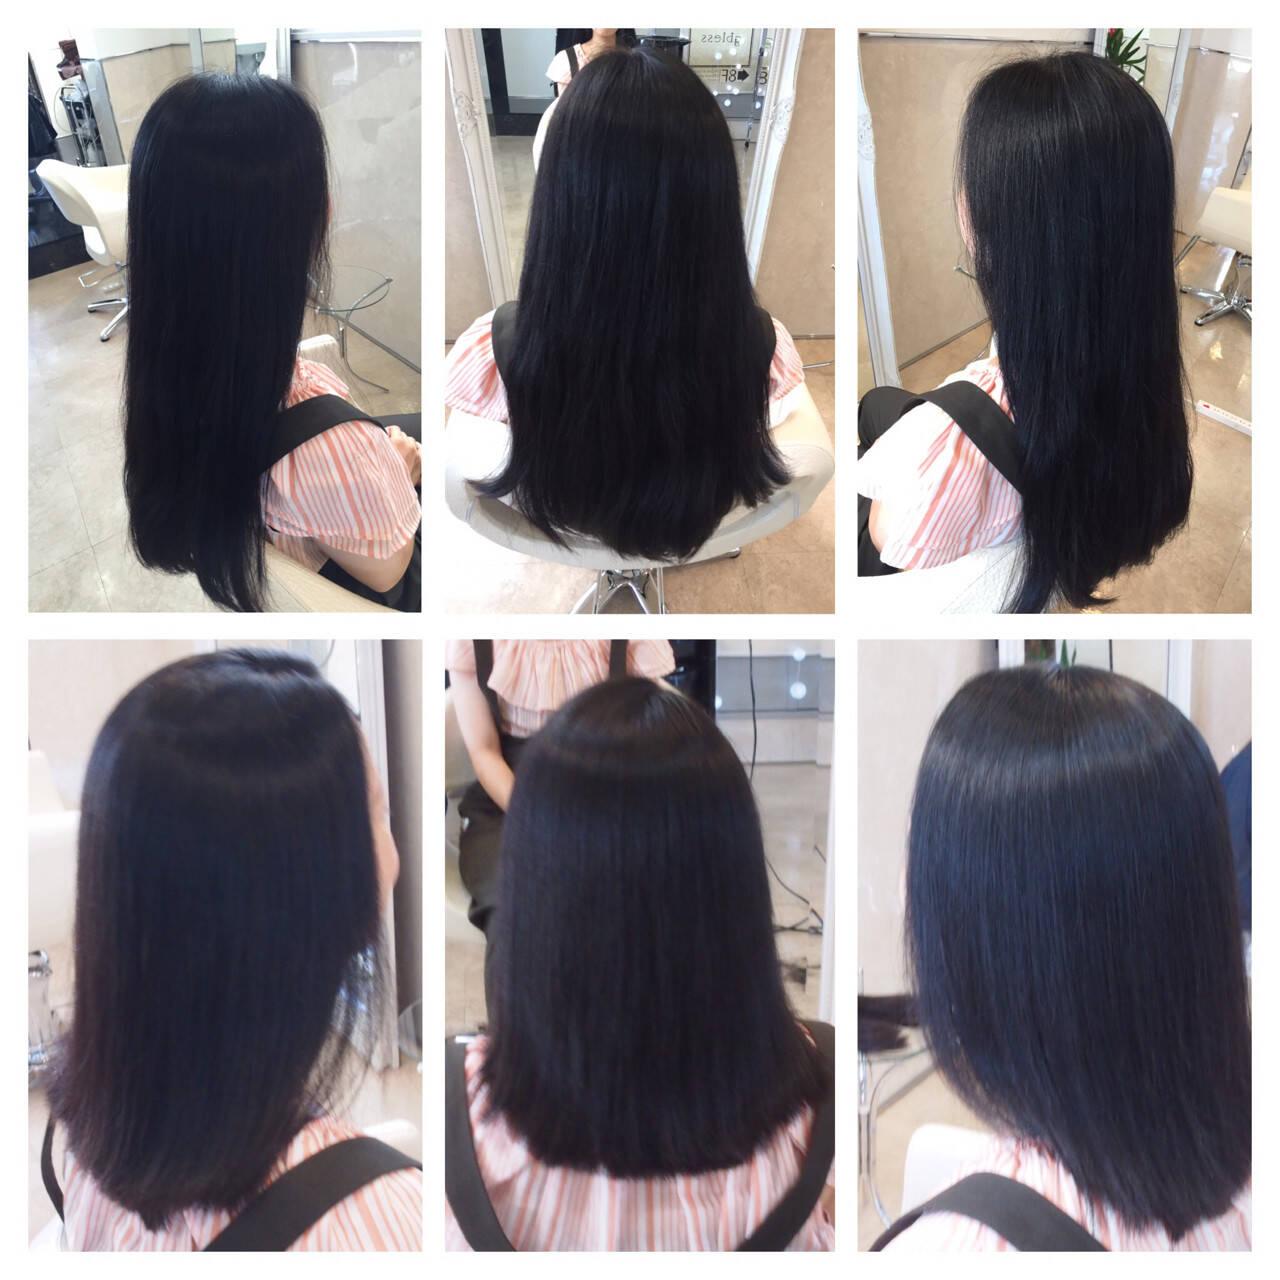 大人女子 セミロング 艶髪 ストレートヘアスタイルや髪型の写真・画像